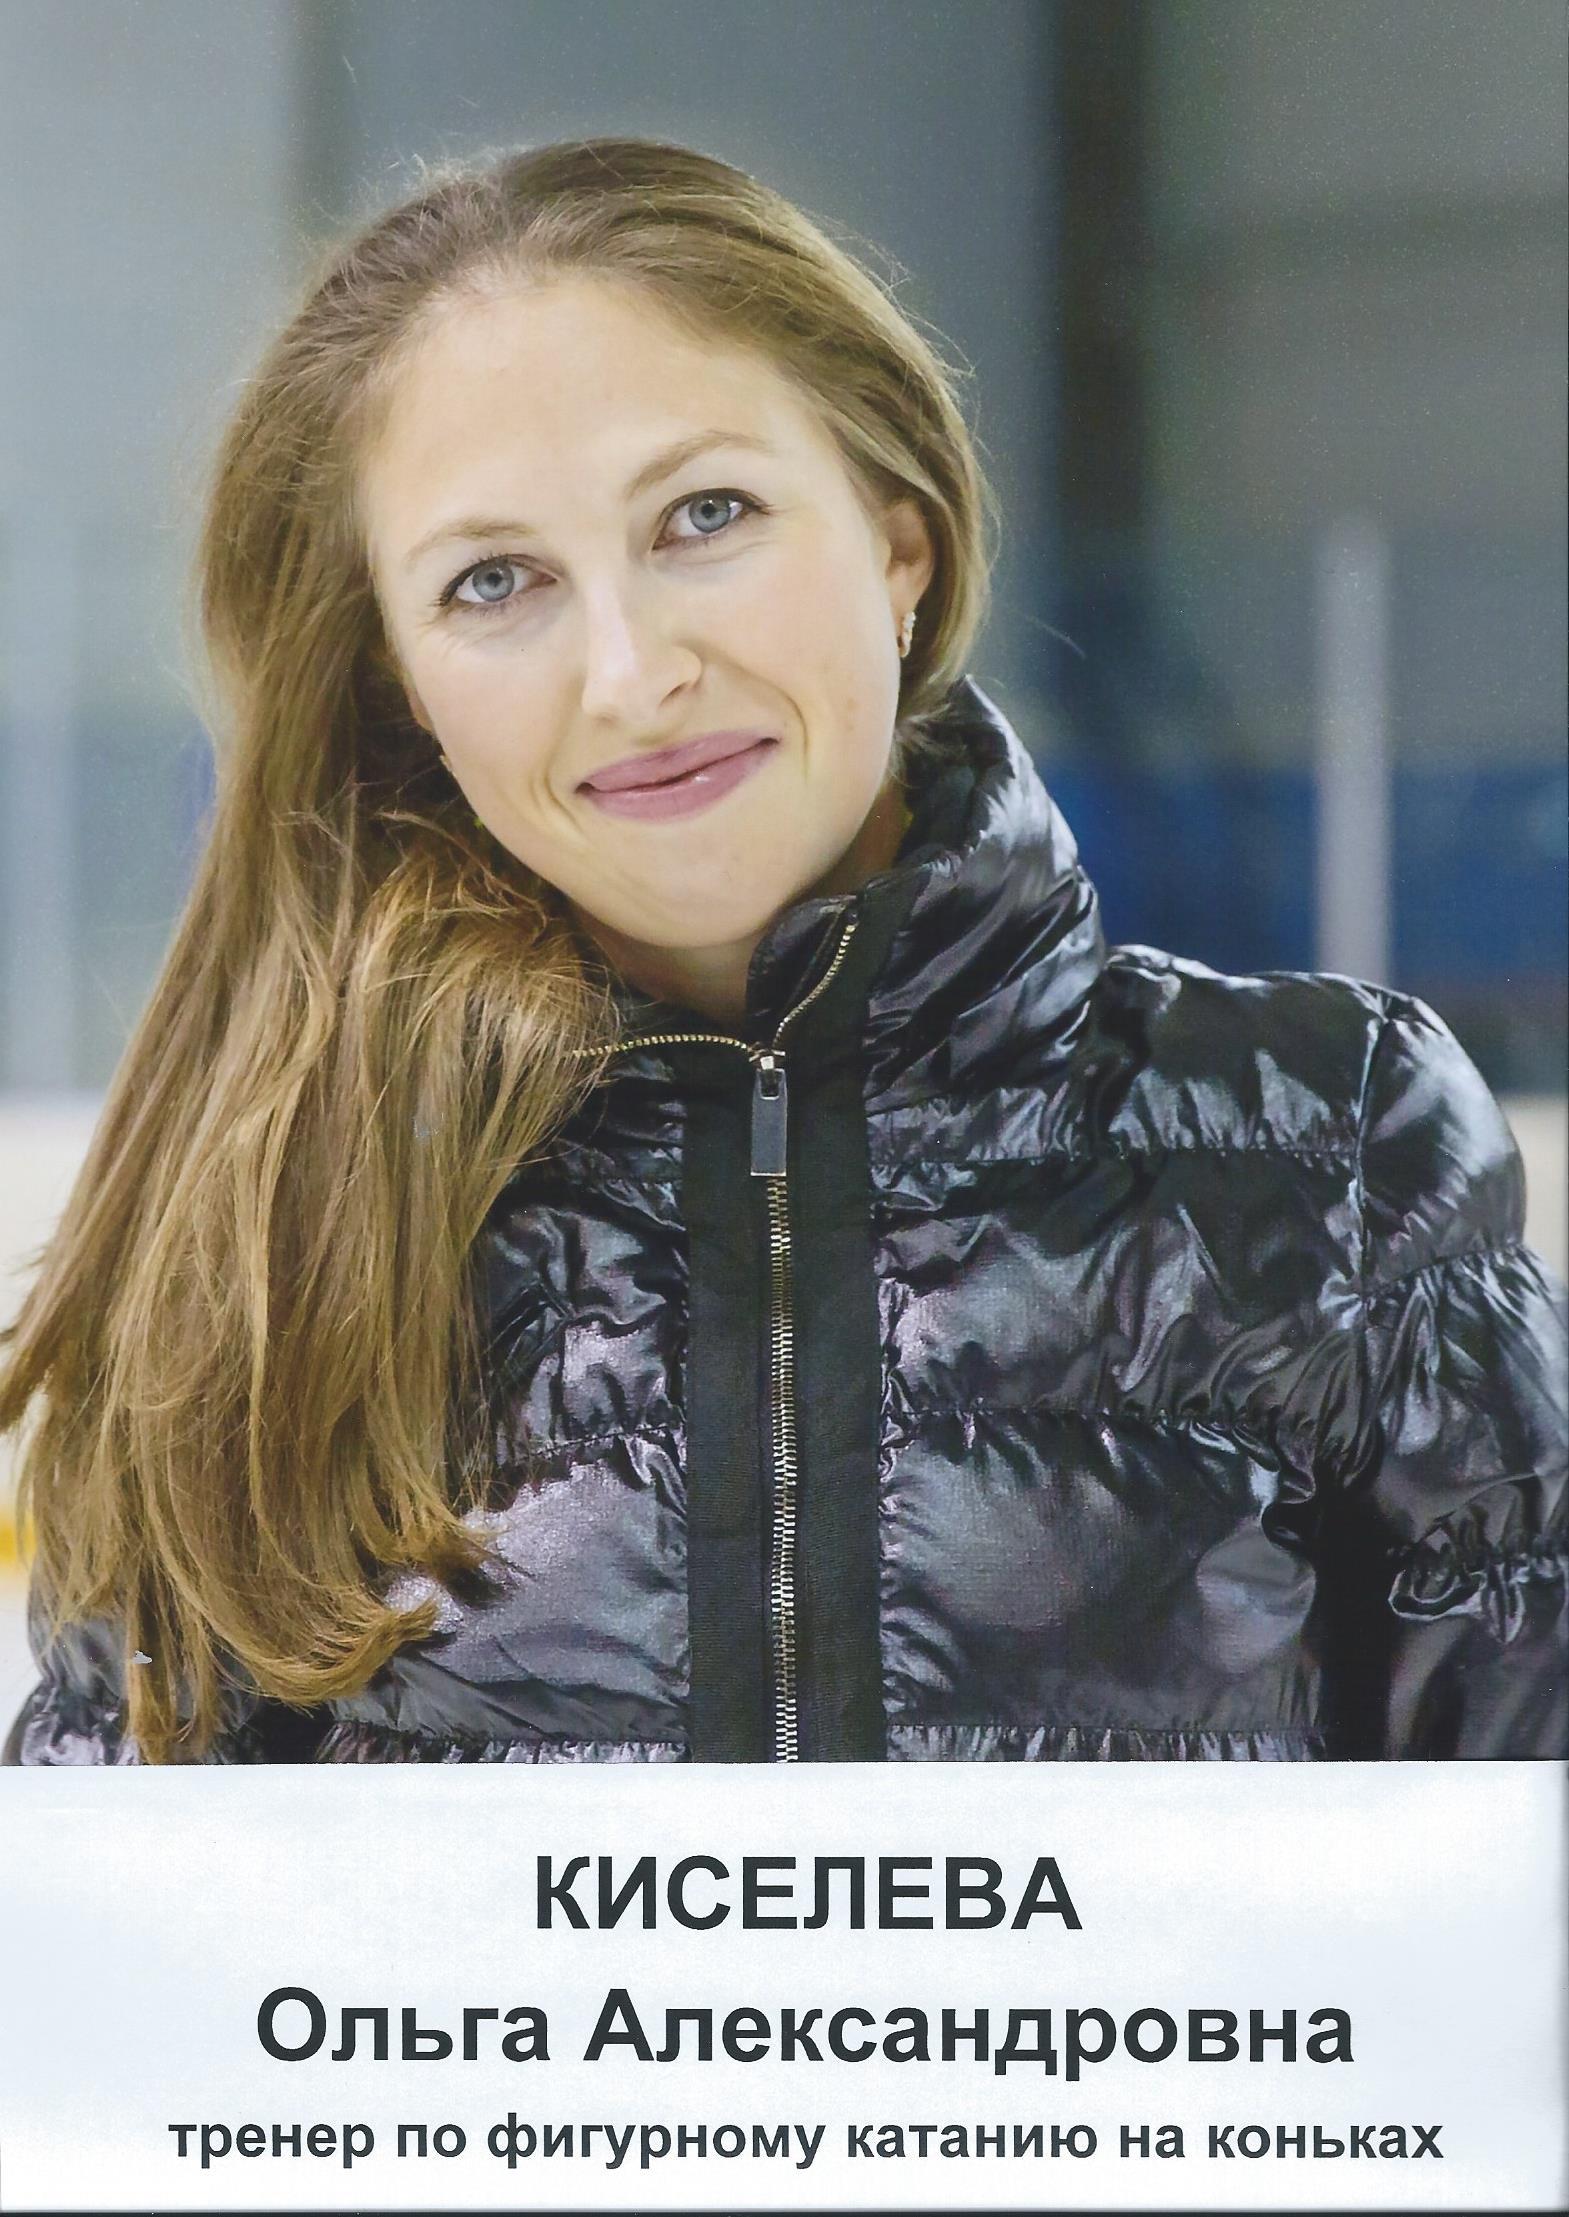 Киселева с подписью